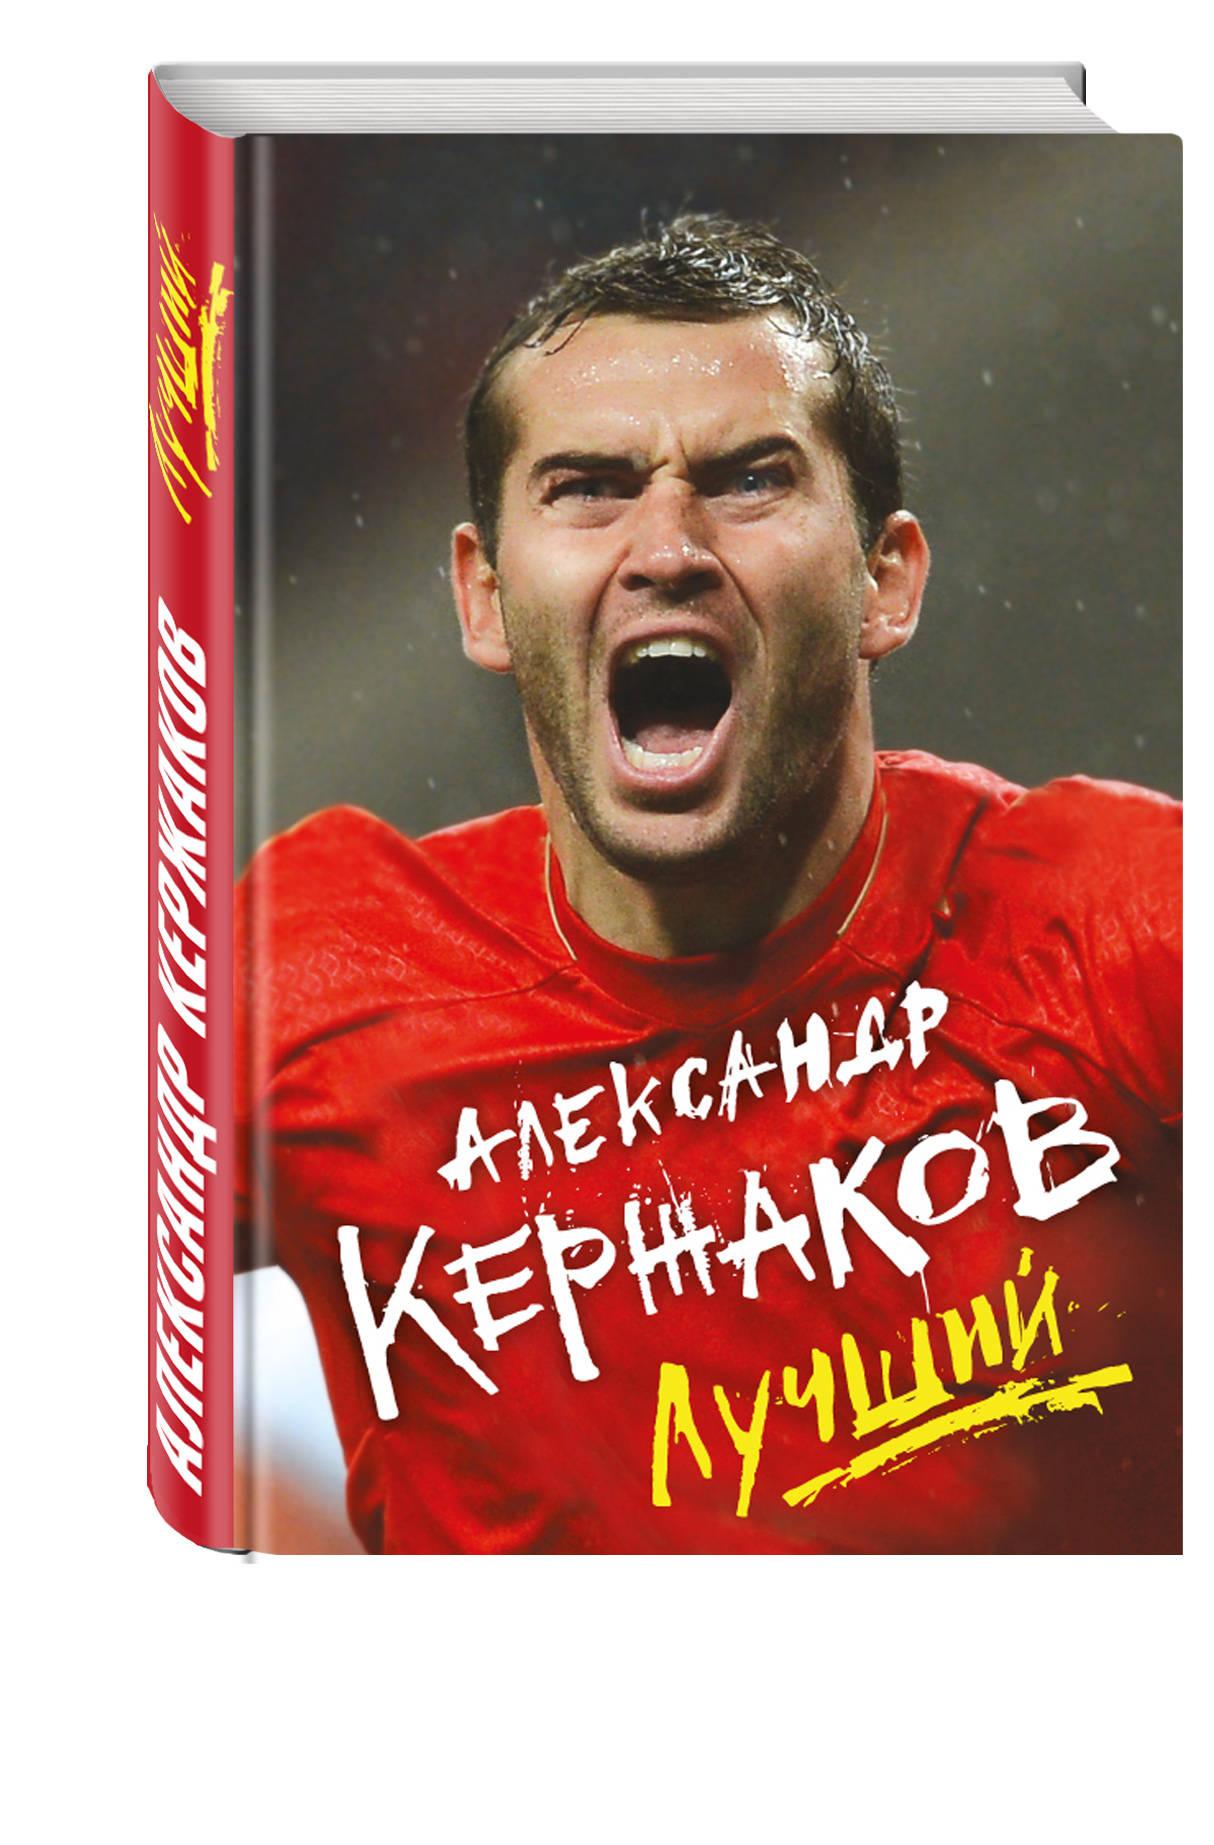 Александр Кержаков. Лучший от book24.ru